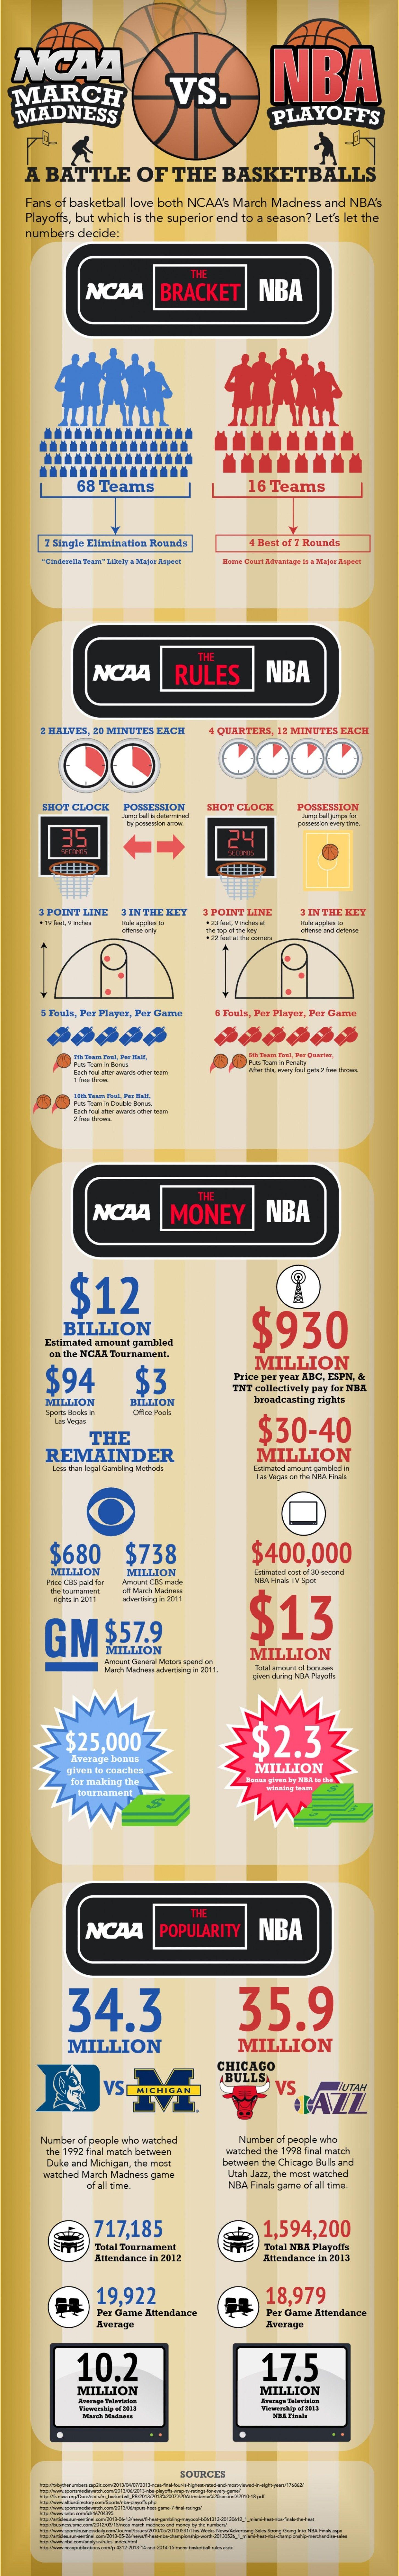 #NCAA vs #NBA Comparativa en un #infográfico | #digisport #sports #basketball #baloncesto